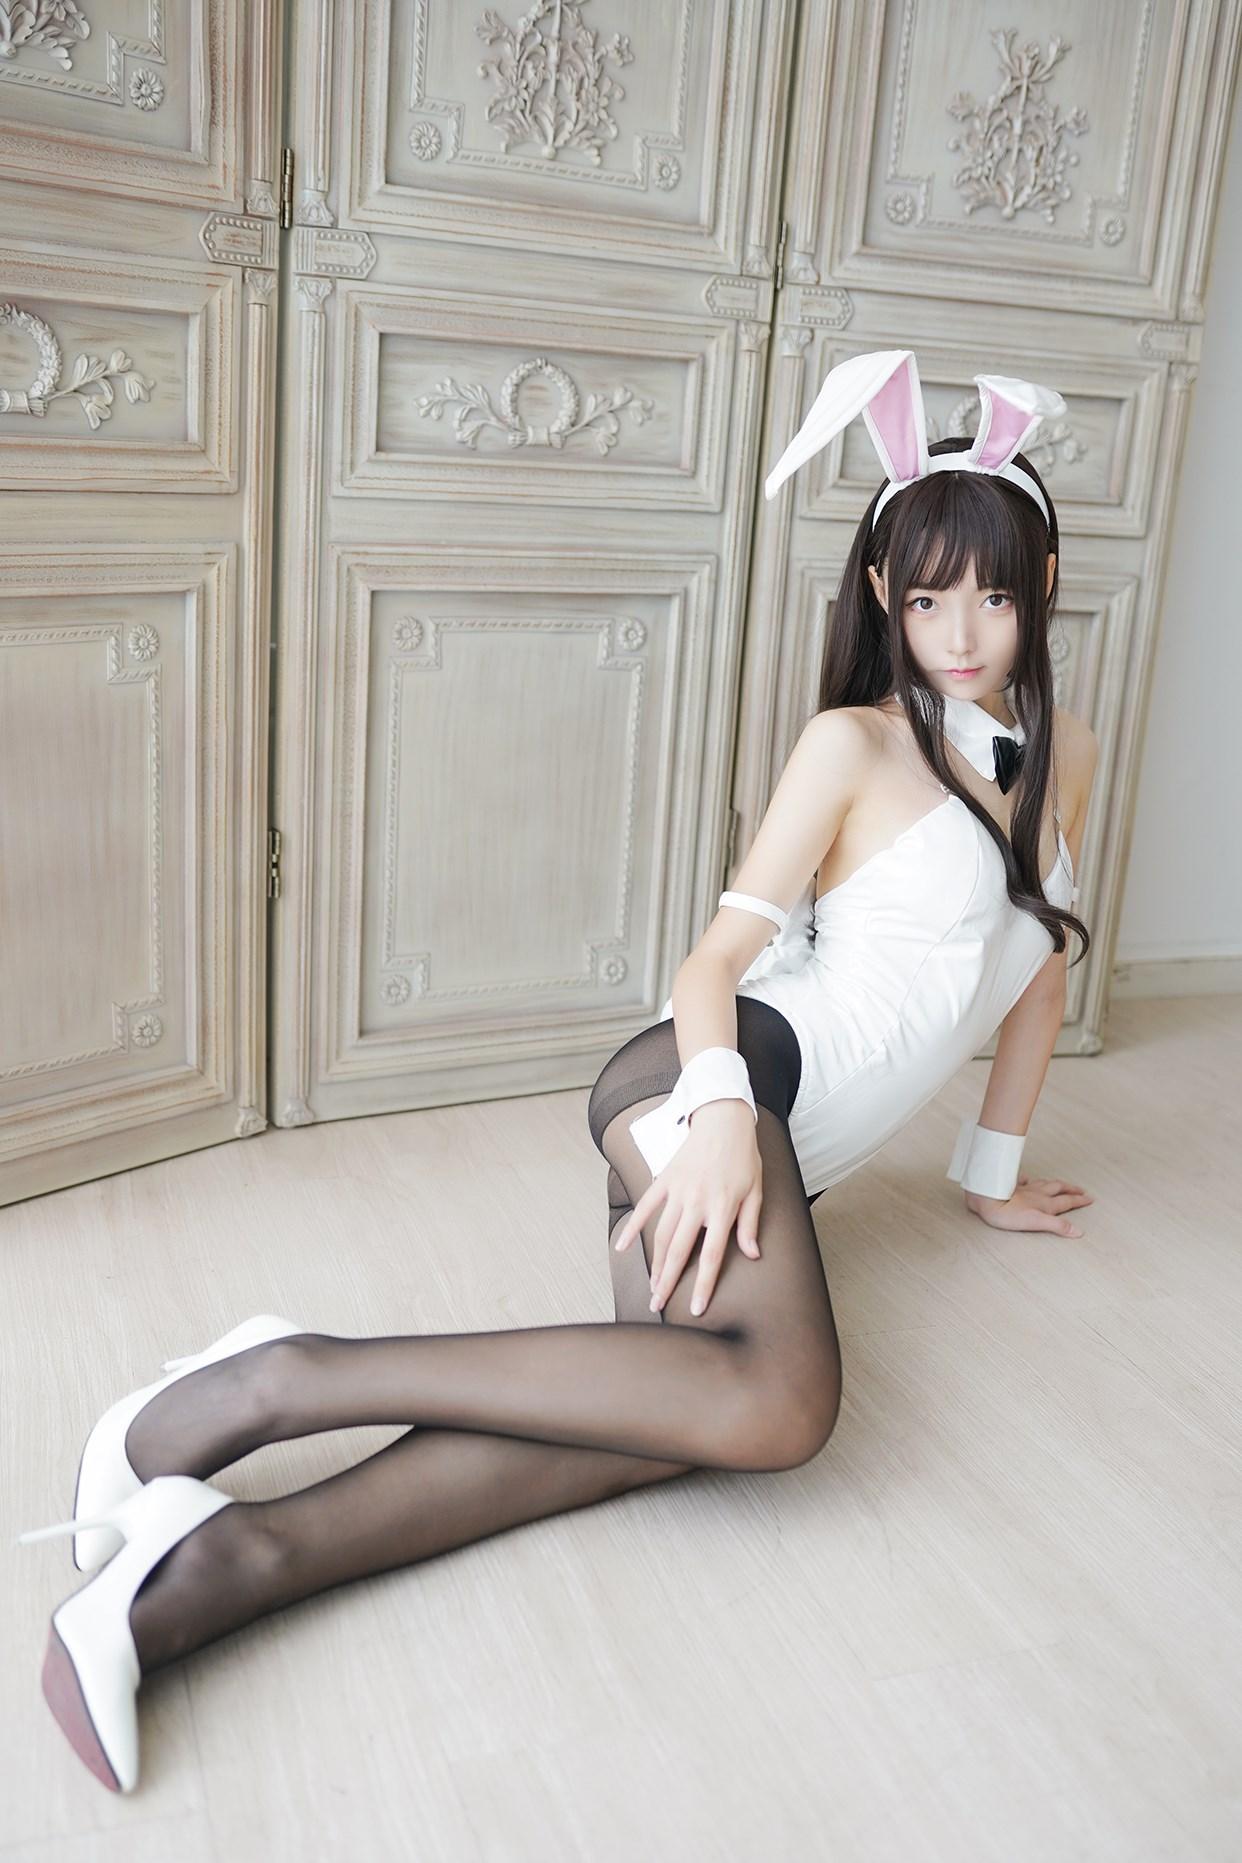 【兔玩映画】兔女郎vol.17-白兔 兔玩映画 第21张